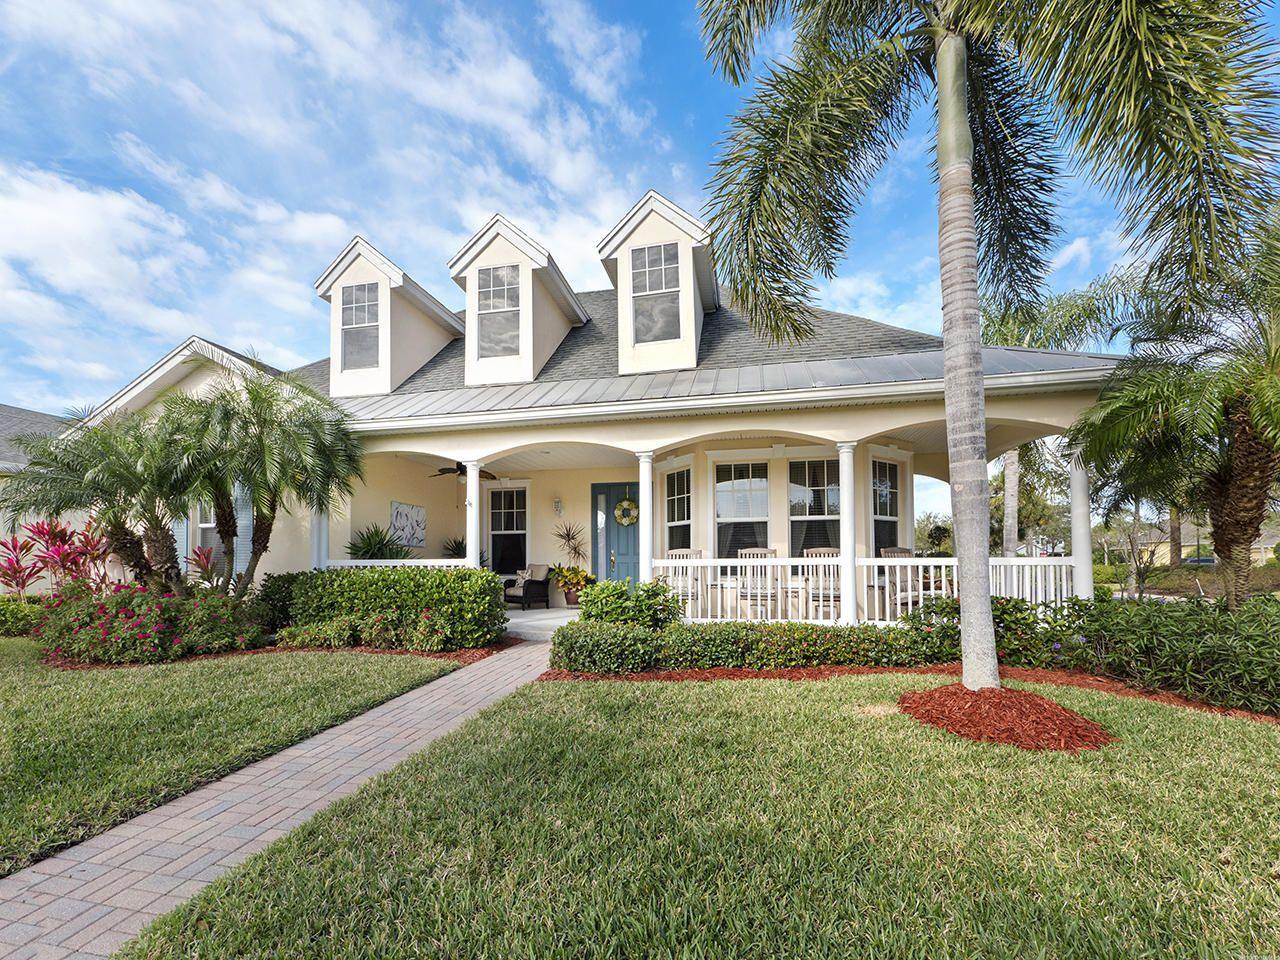 3 2 5 2 Den Pool Florida Real Estate Port St Lucie Florida Real Estate